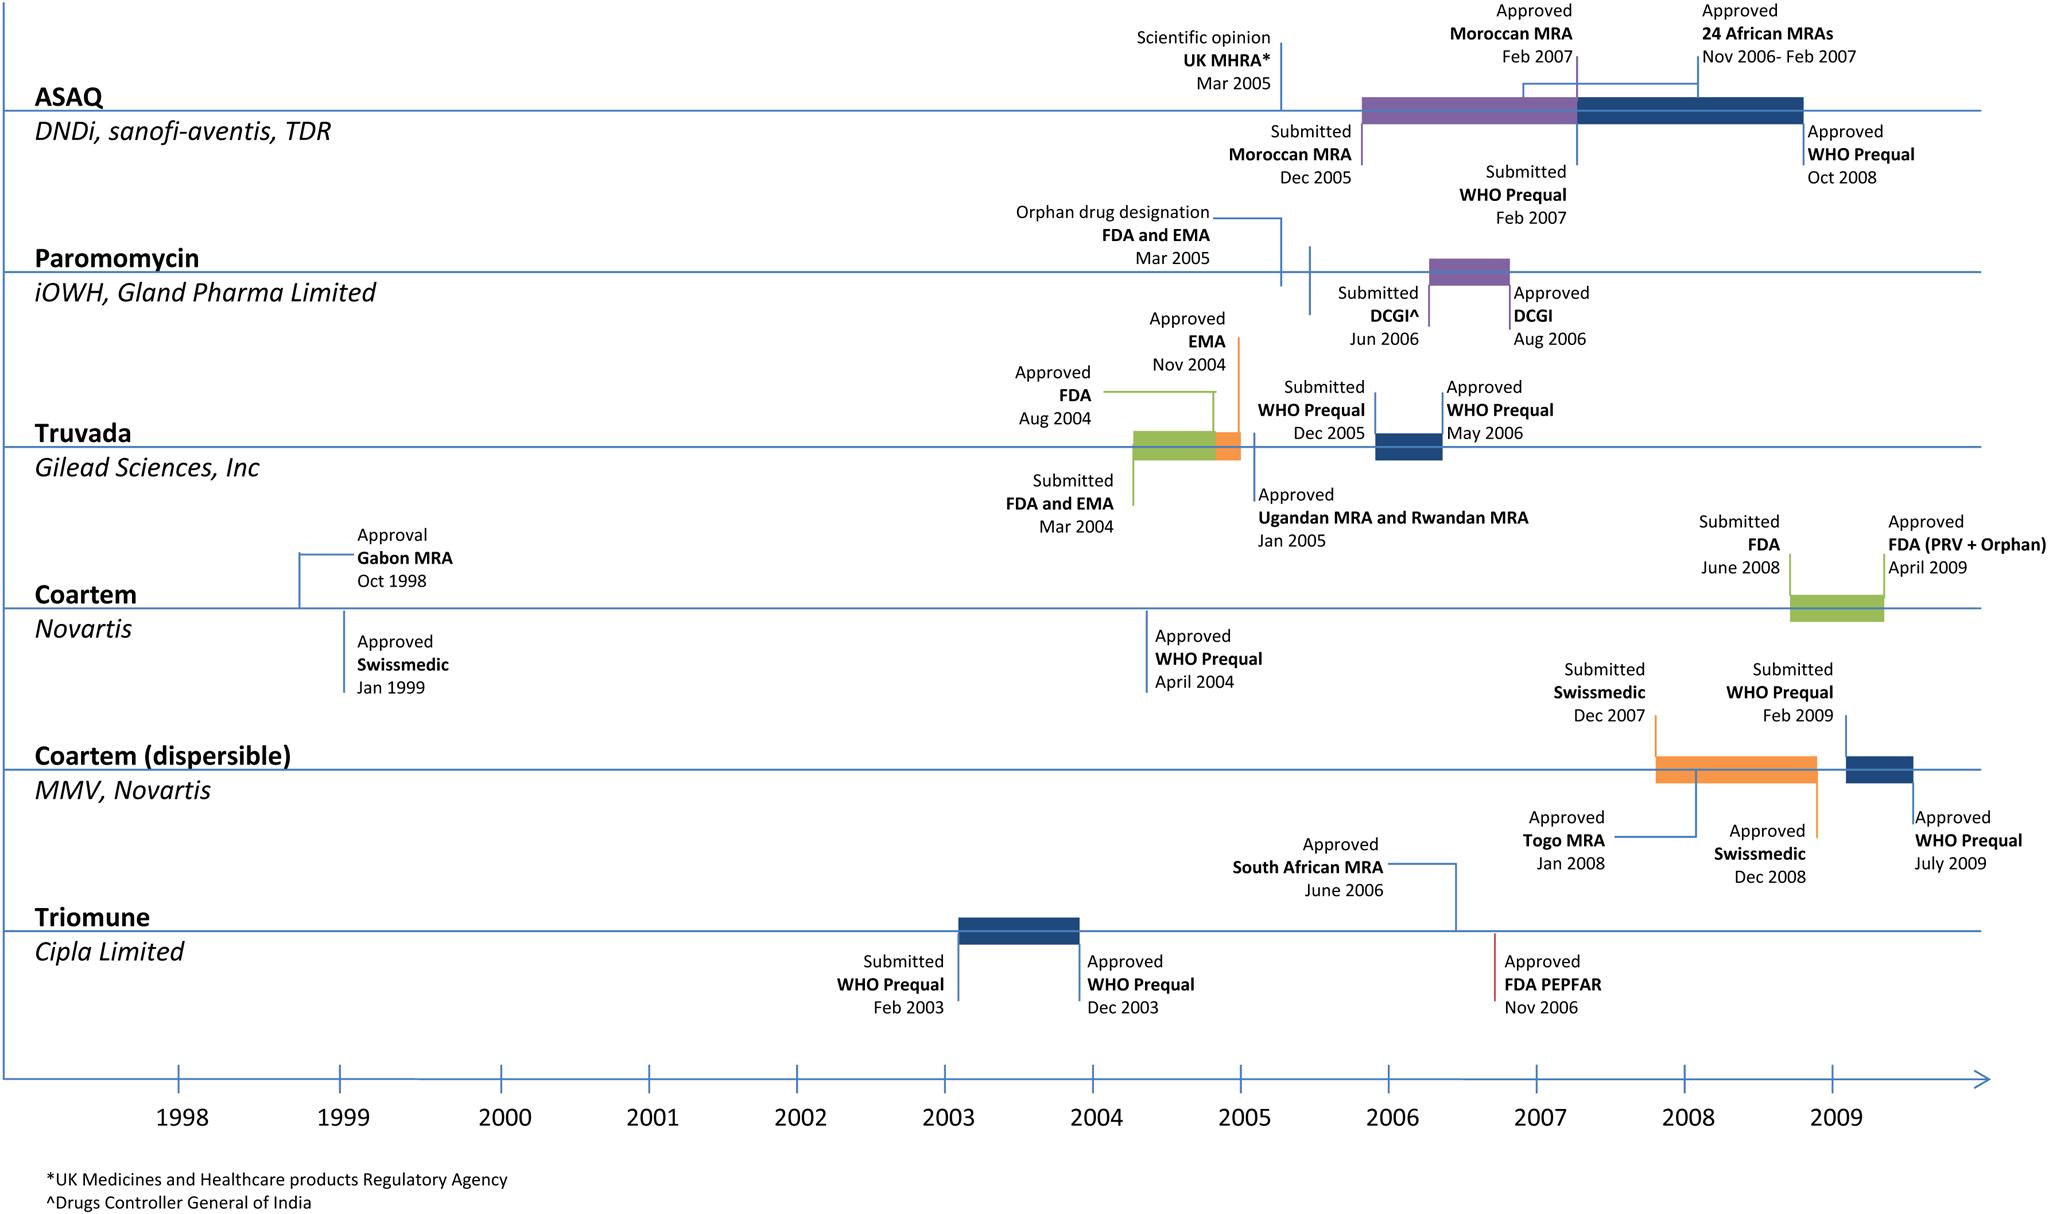 Neglected disease drug registration timeline <b><em class=&quot;ref&quot;>[7]</em>,<em class=&quot;ref&quot;>[9]</em>,<em class=&quot;ref&quot;>[11]</em>–<em class=&quot;ref&quot;>[19]</em></b>.